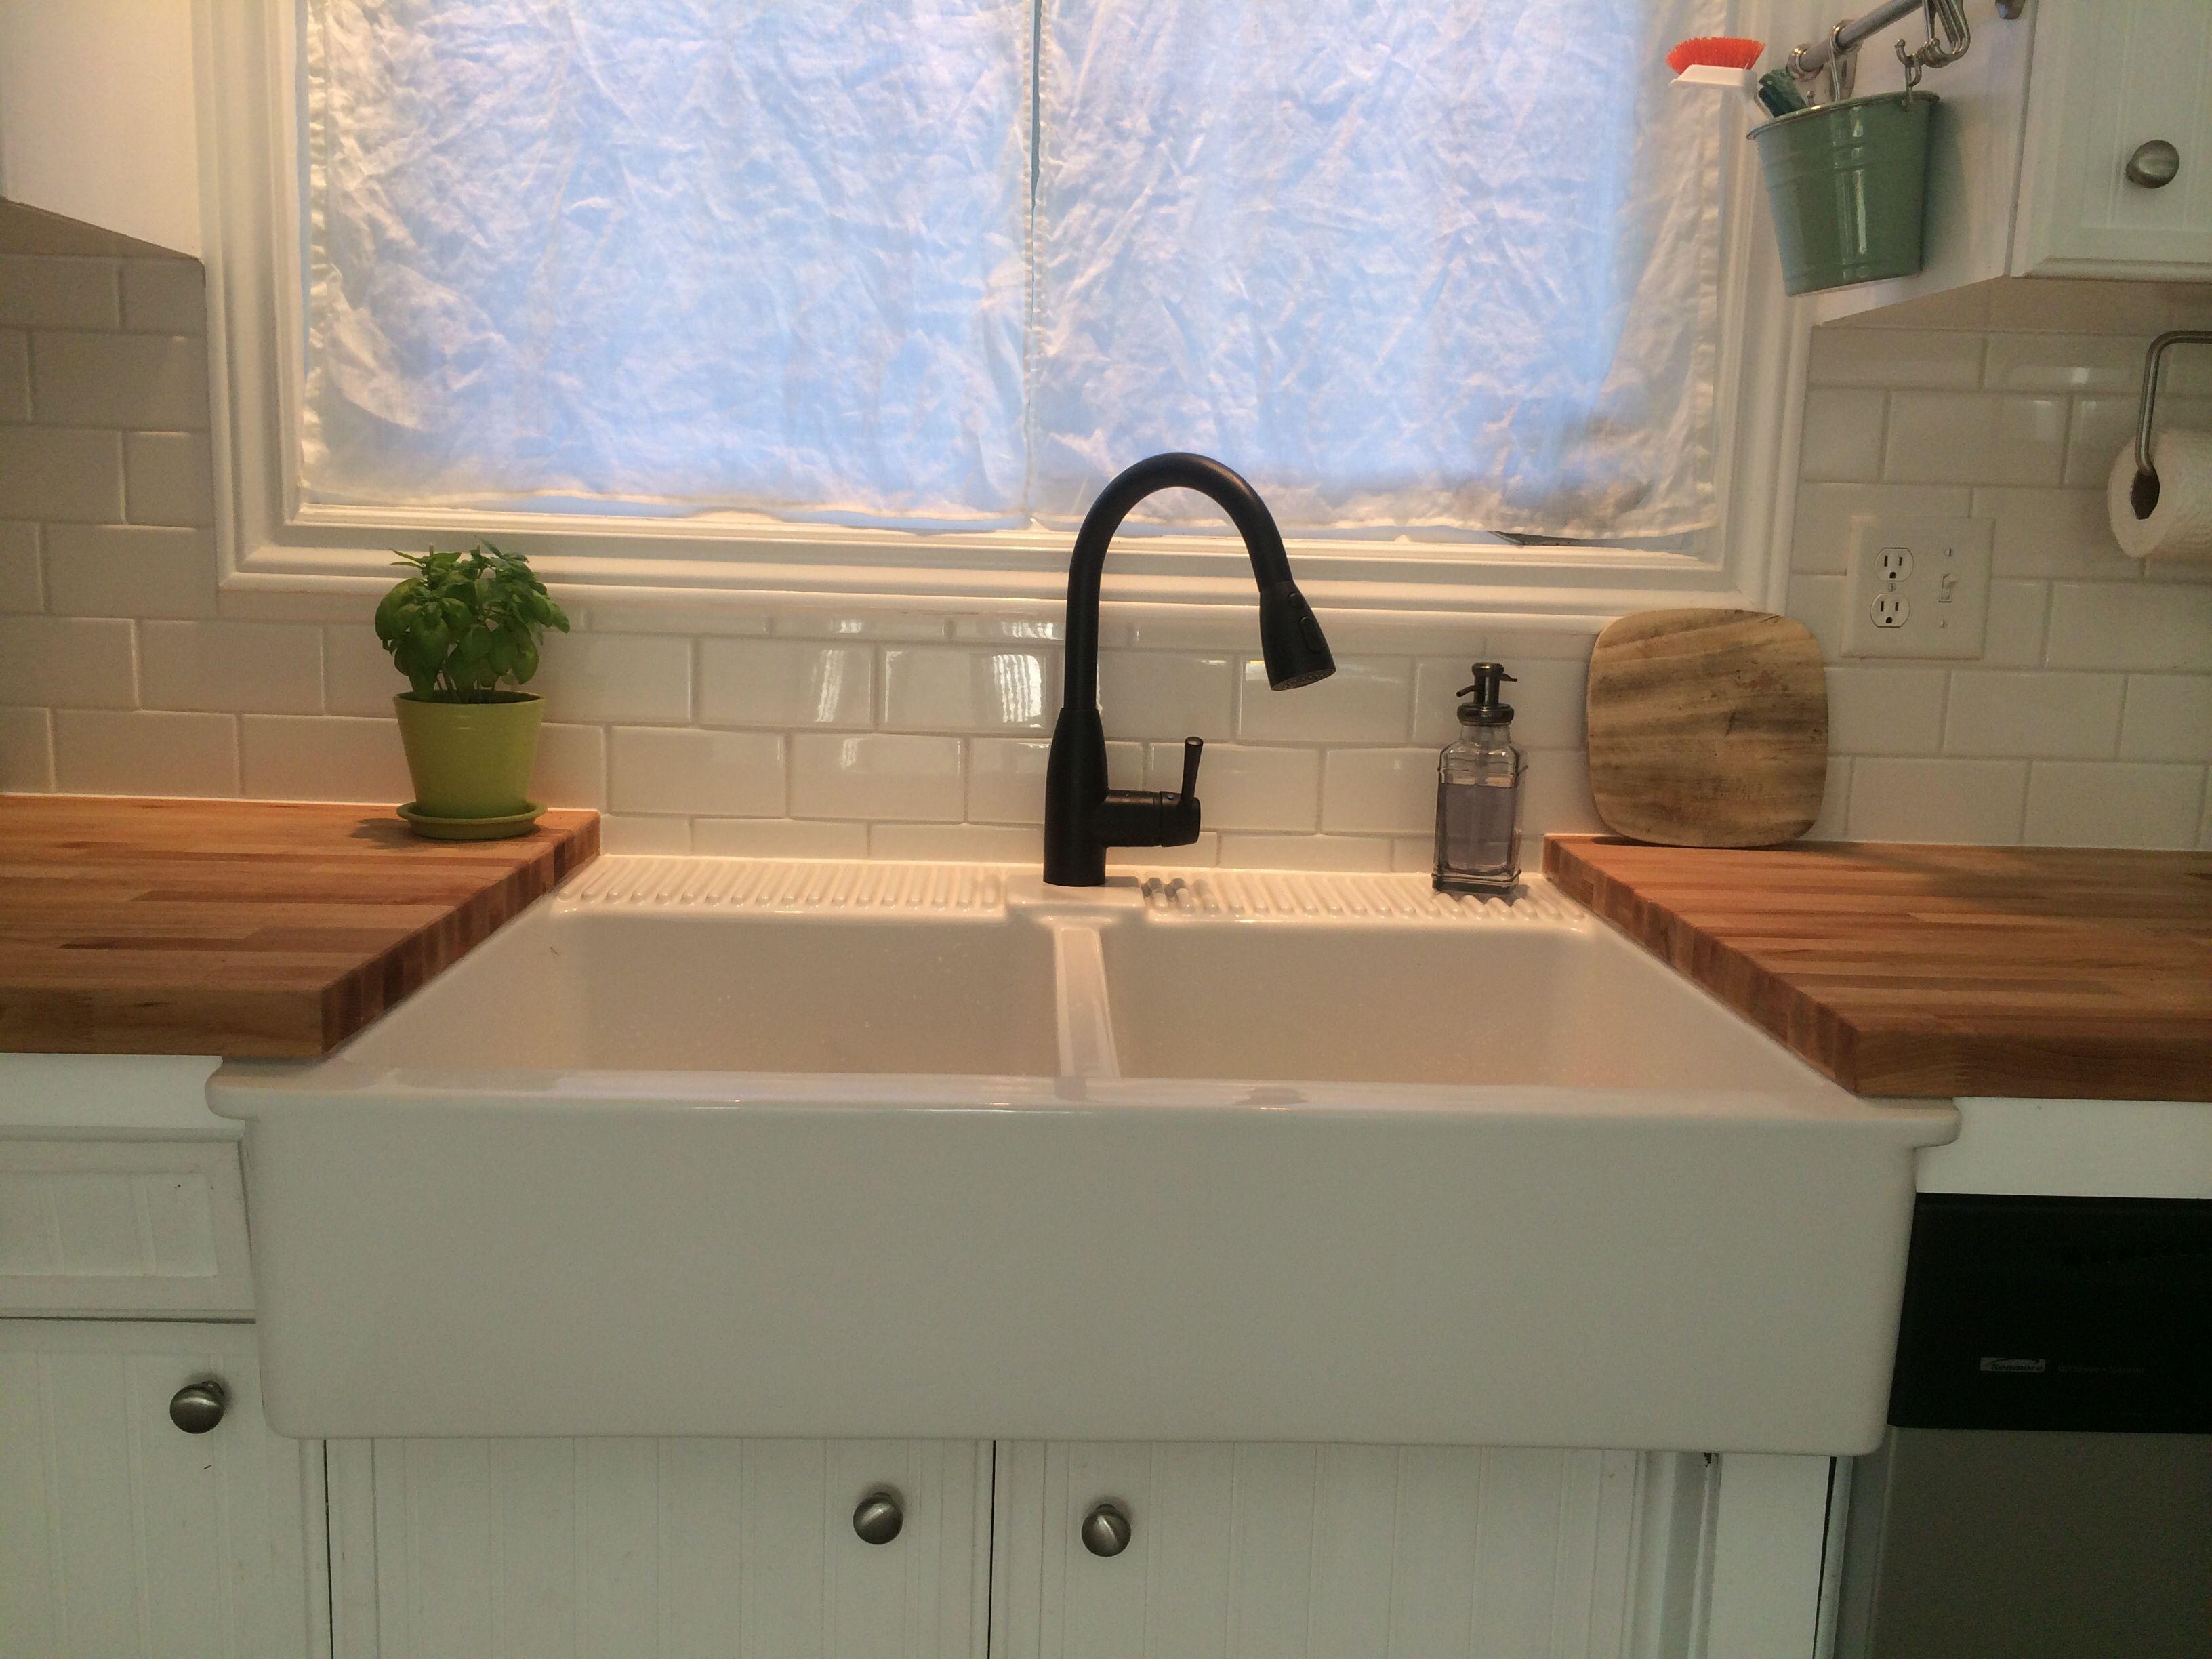 20 Clever Pedestal Sink Storage Design Ideas   Water damage, Sinks ...